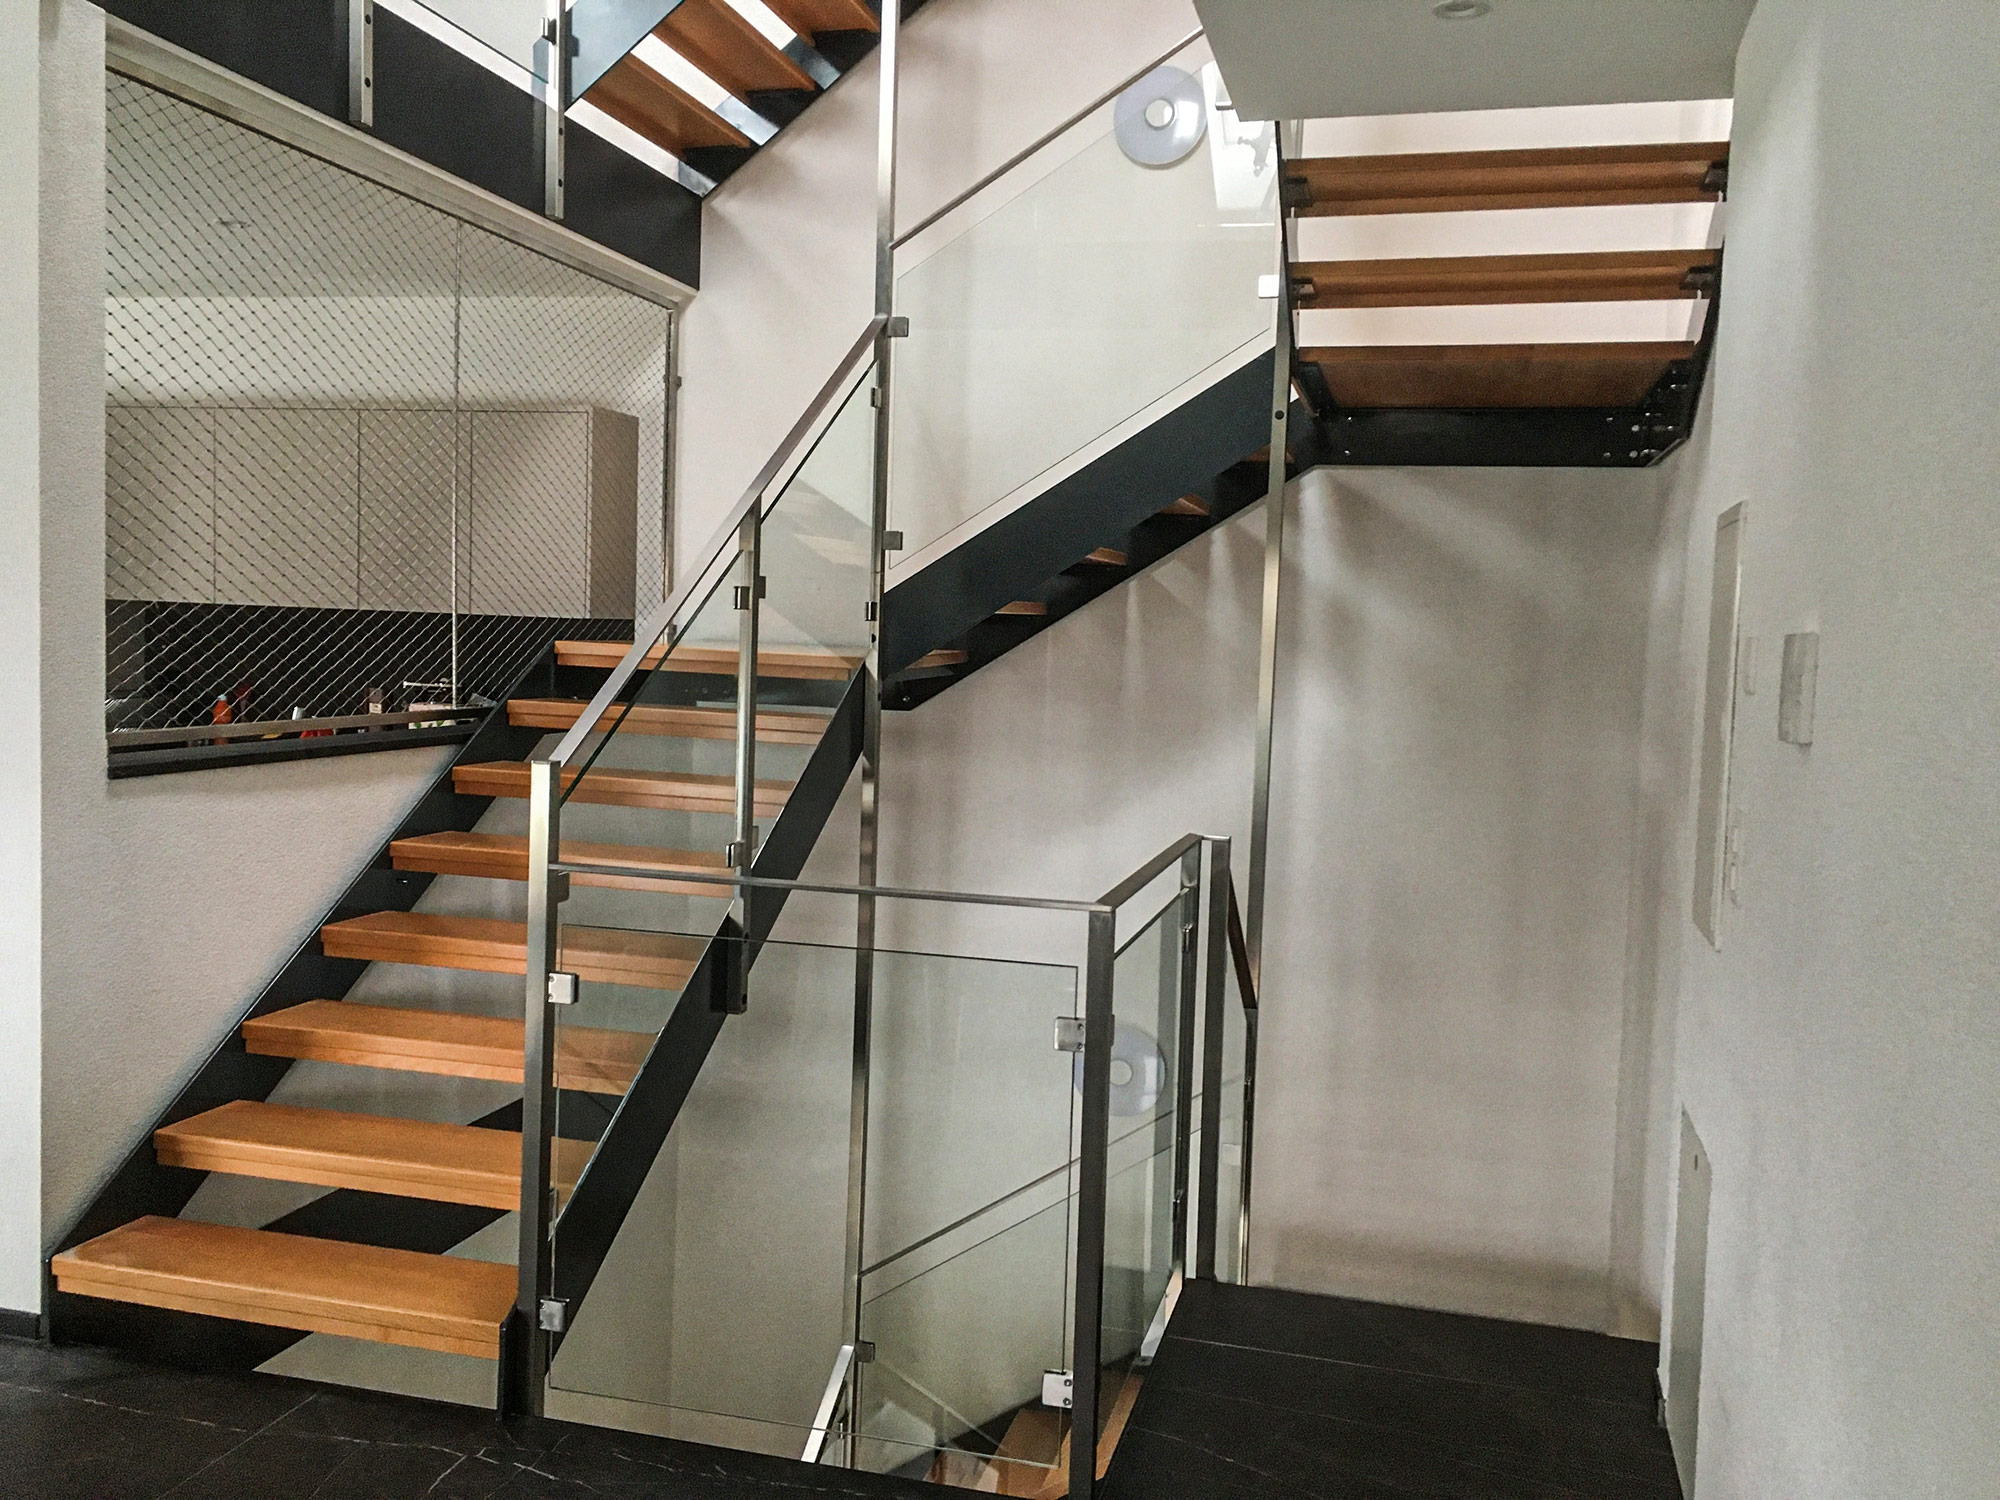 Escalier métallique avec marches en bois